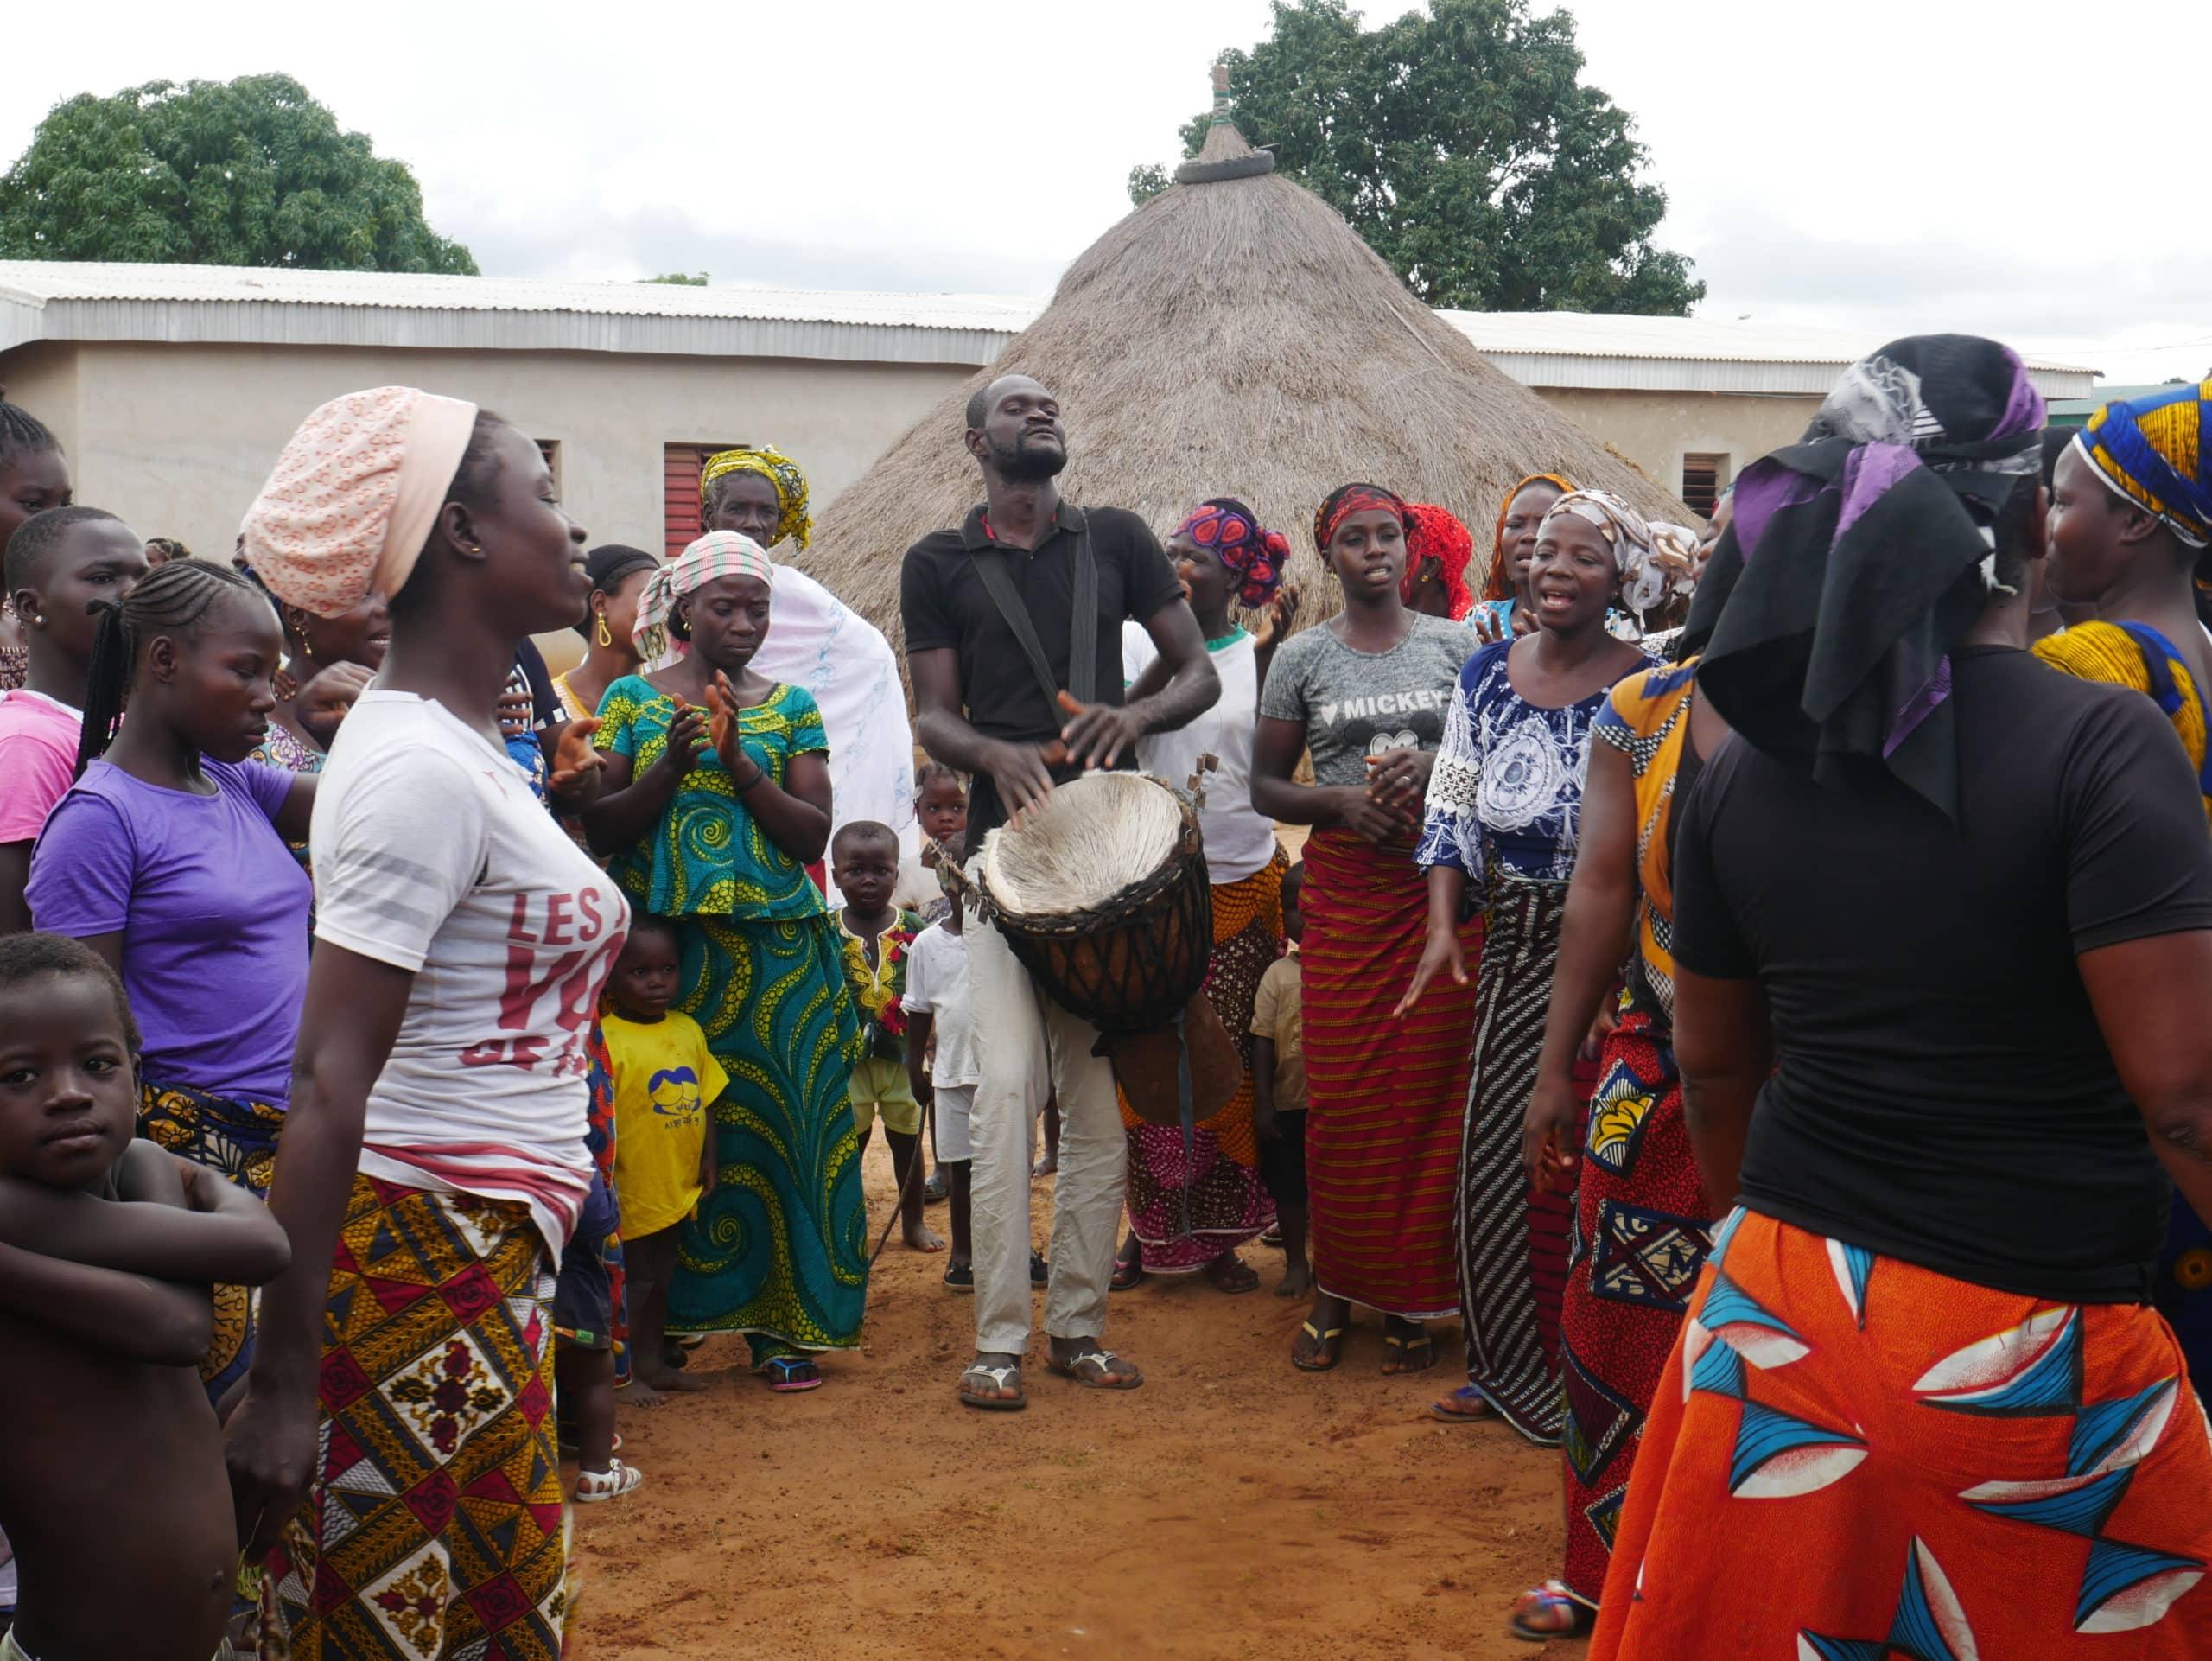 Chaque village nous accueillait avec des danses et des chants joyeux.